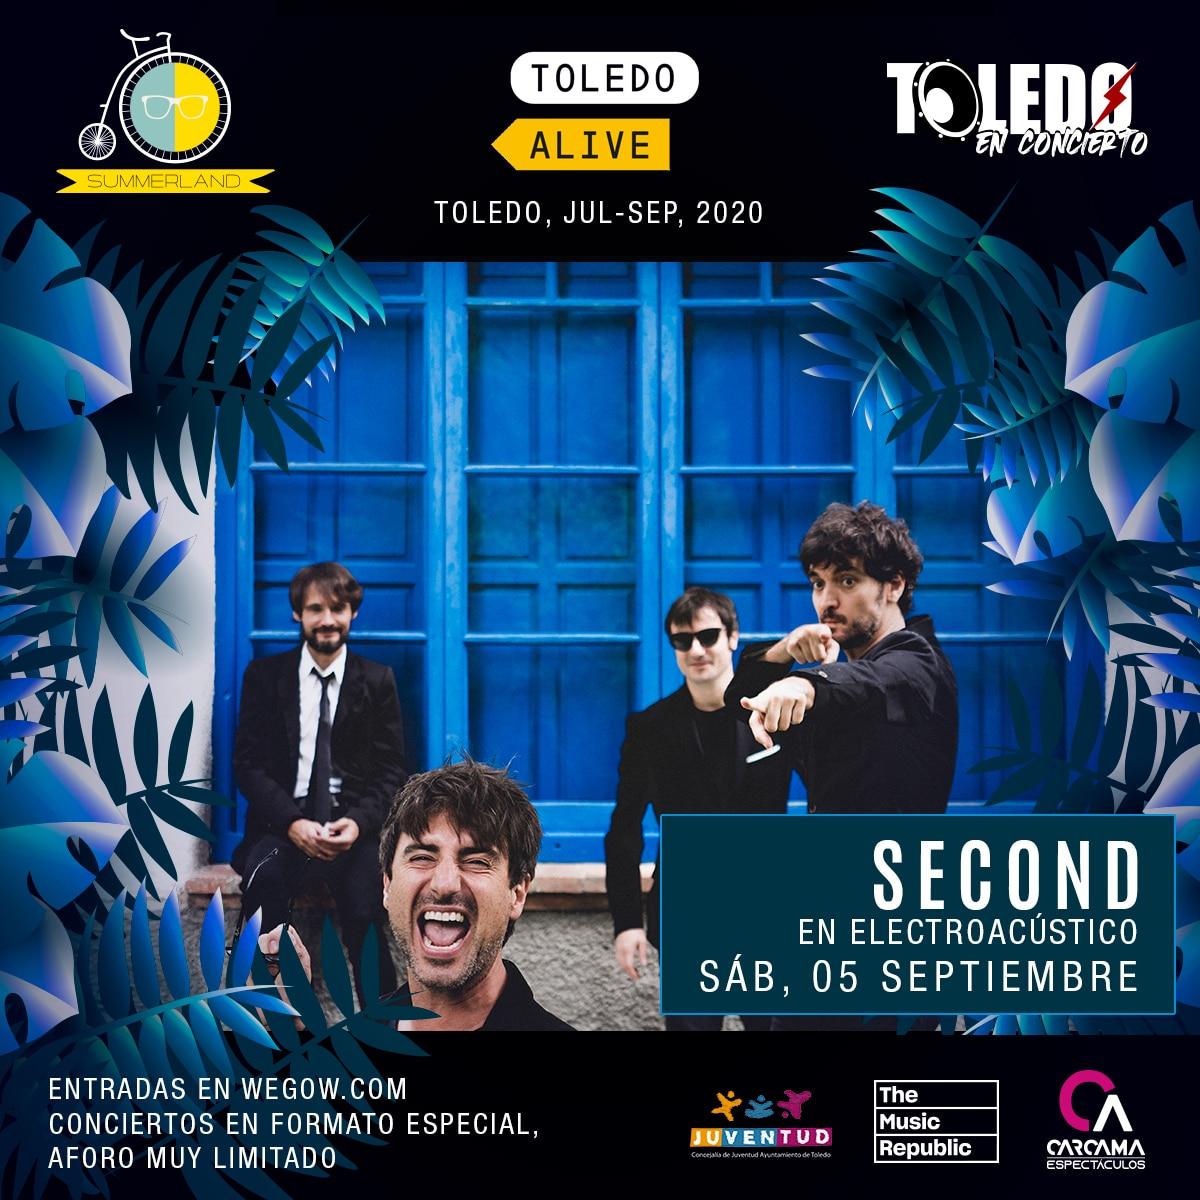 concierto-de-second-toledo